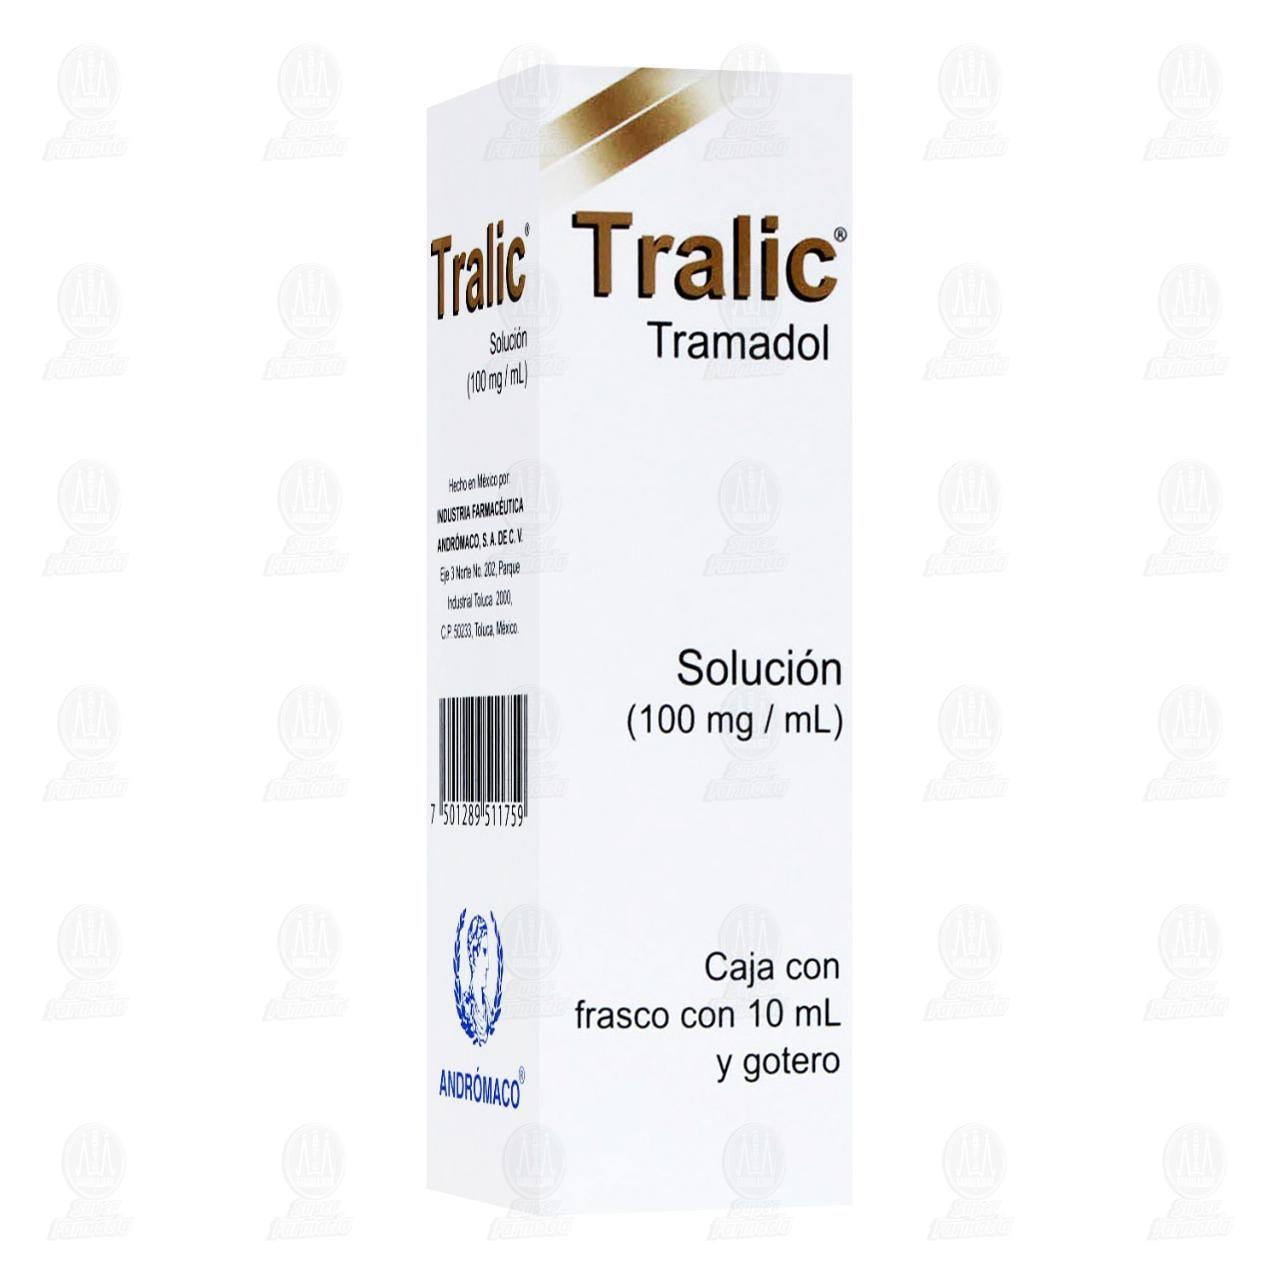 Comprar Tralic 100mg/ml 10ml Solución Gotas en Farmacias Guadalajara